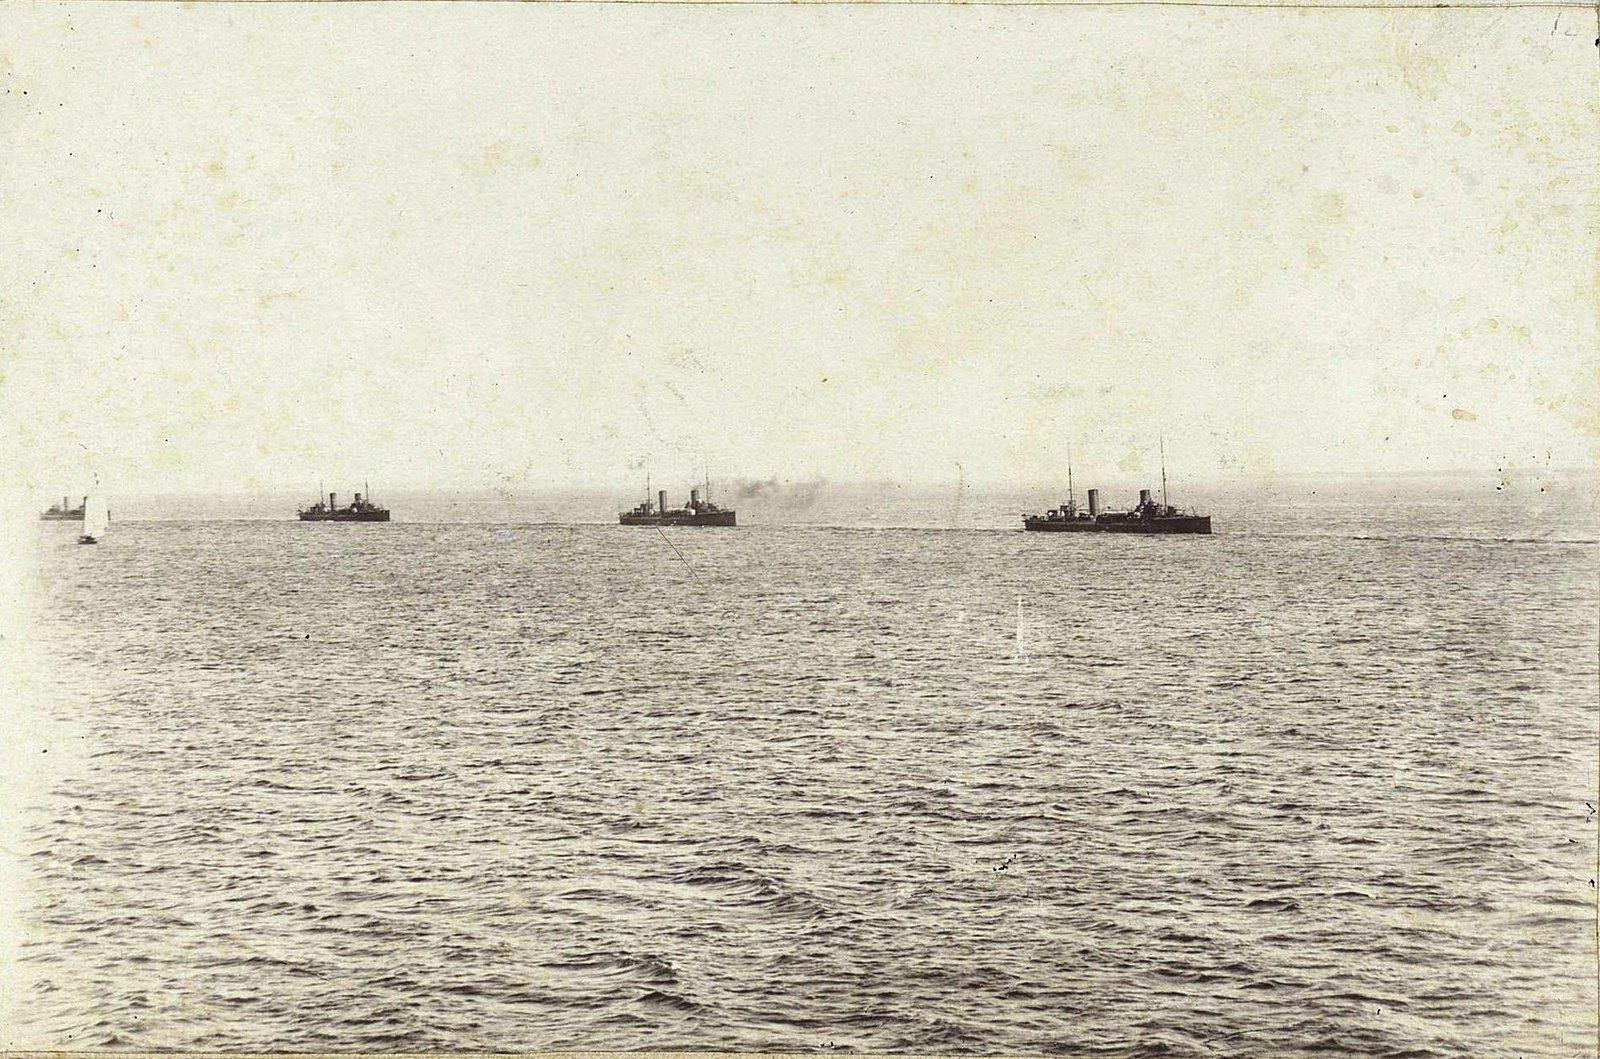 Крейсеры в море (2)